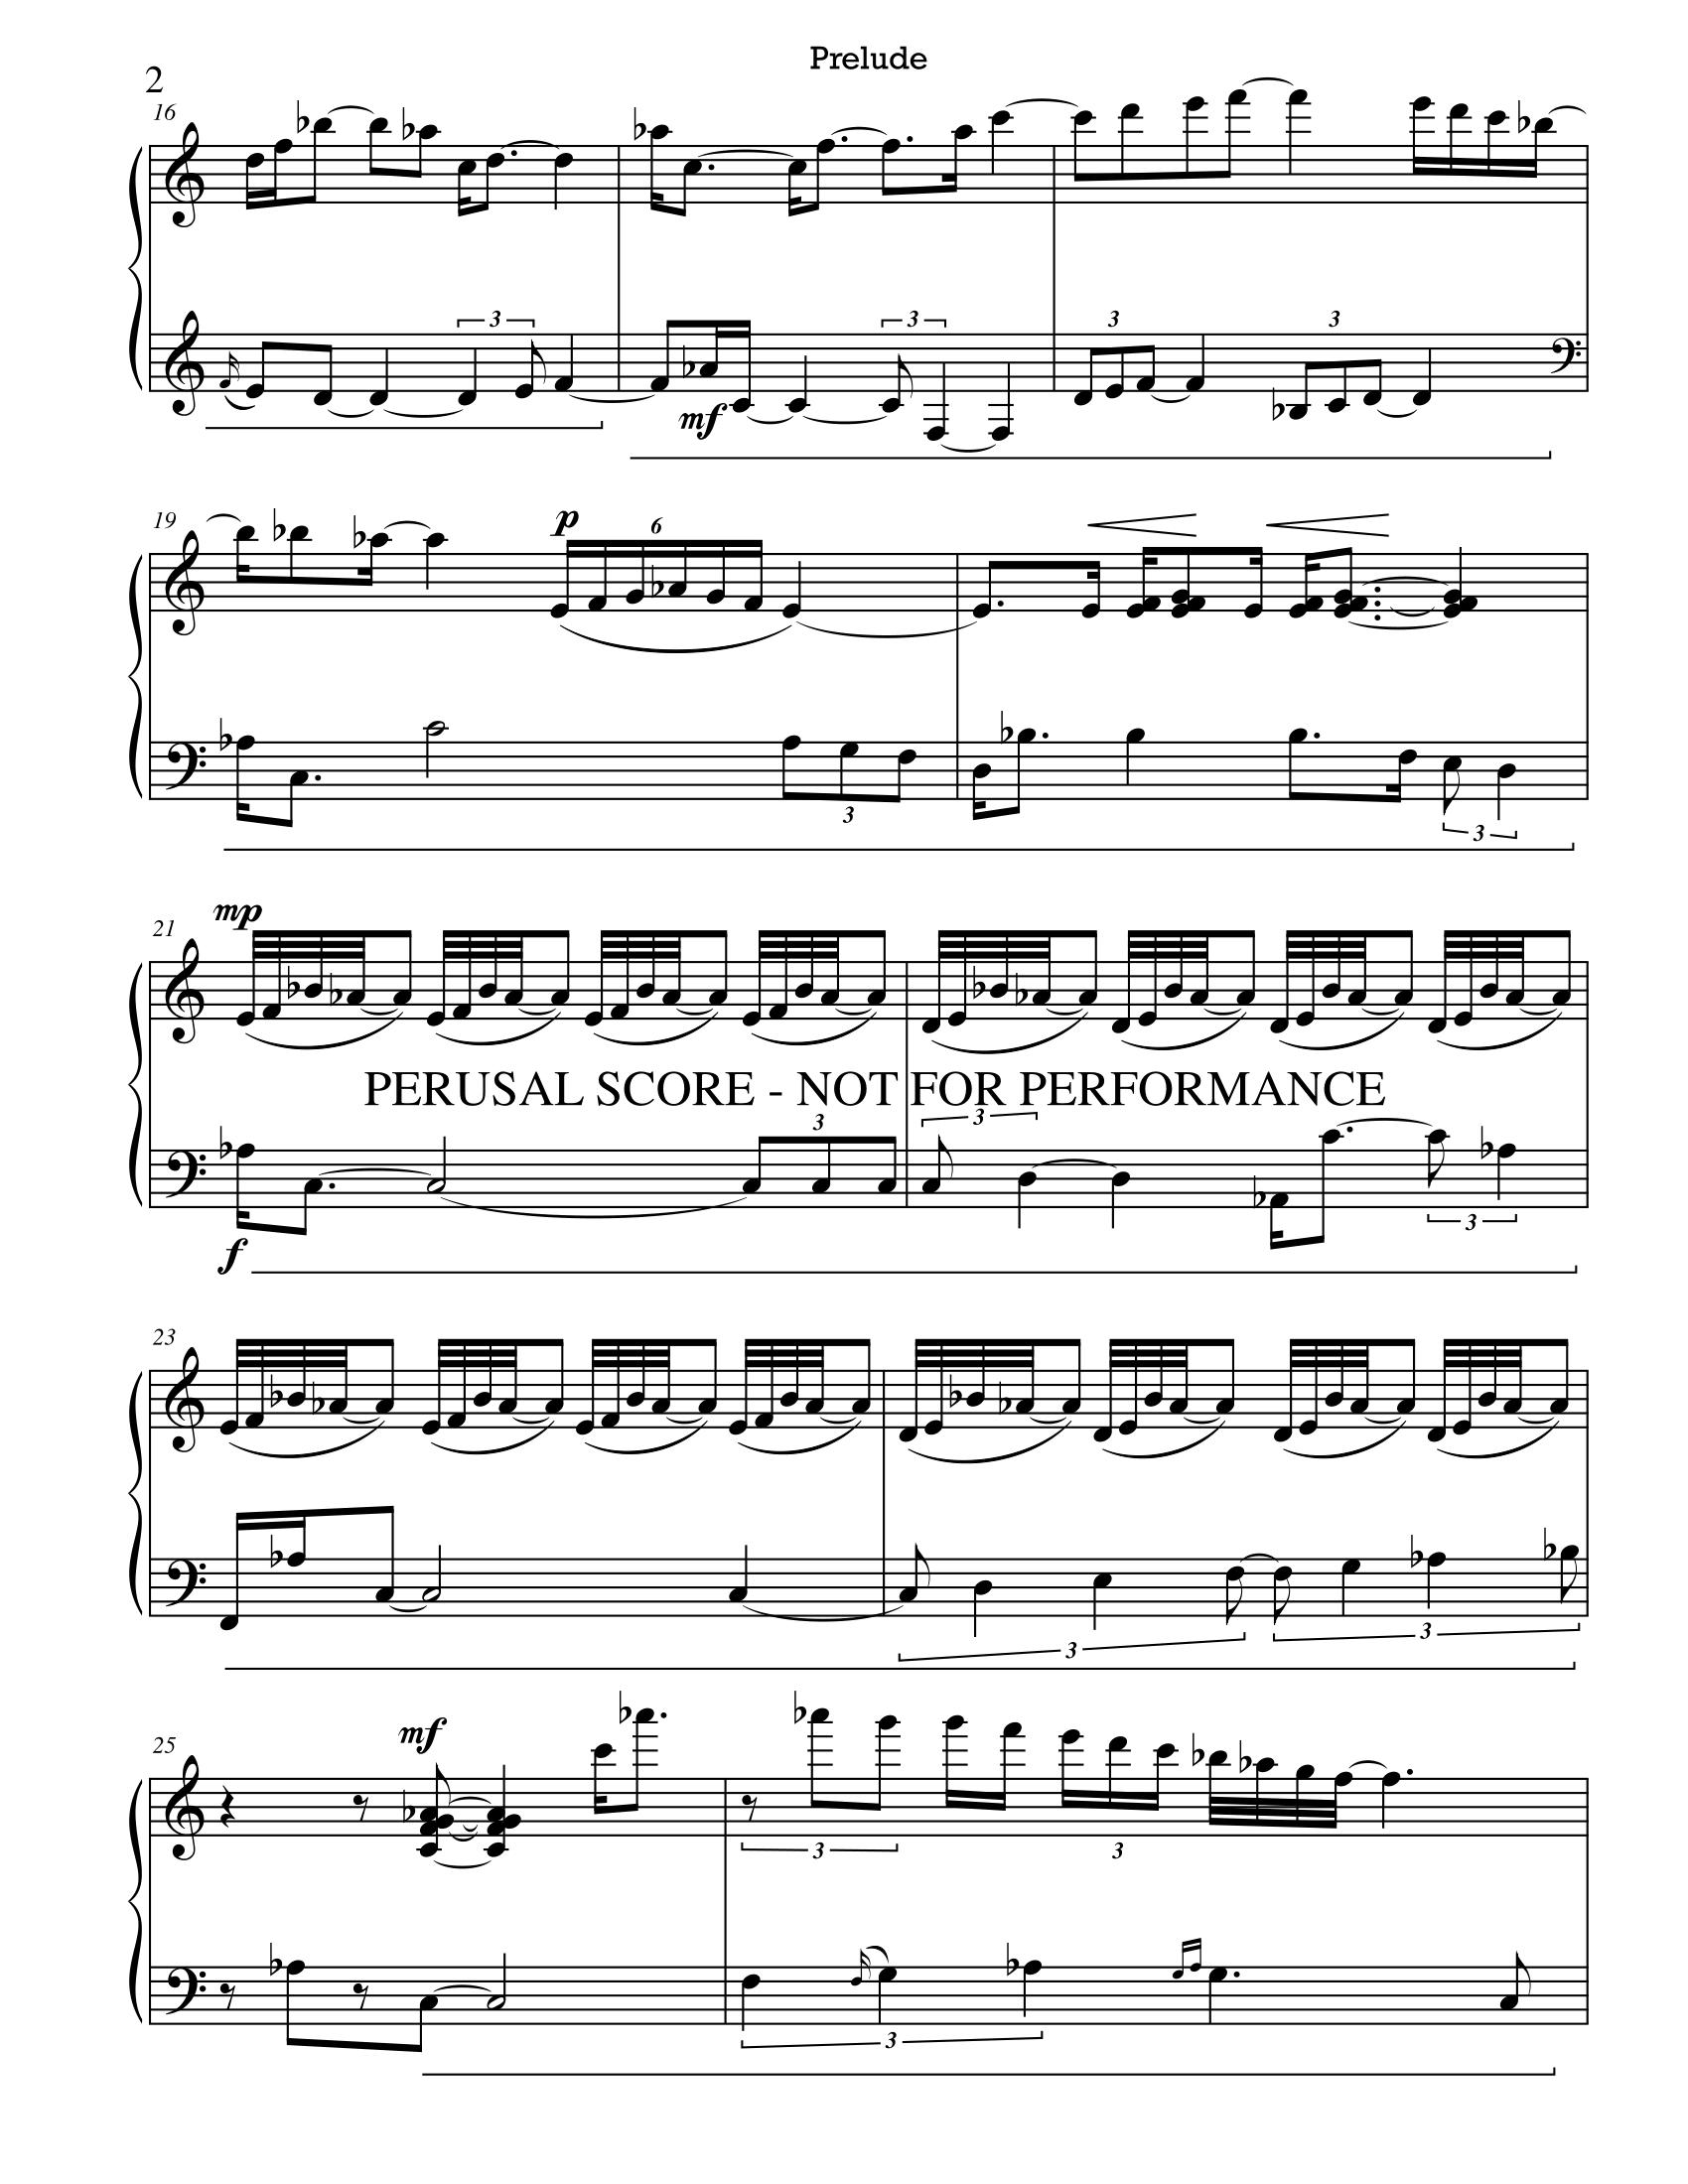 Prelude Perusal-4.png